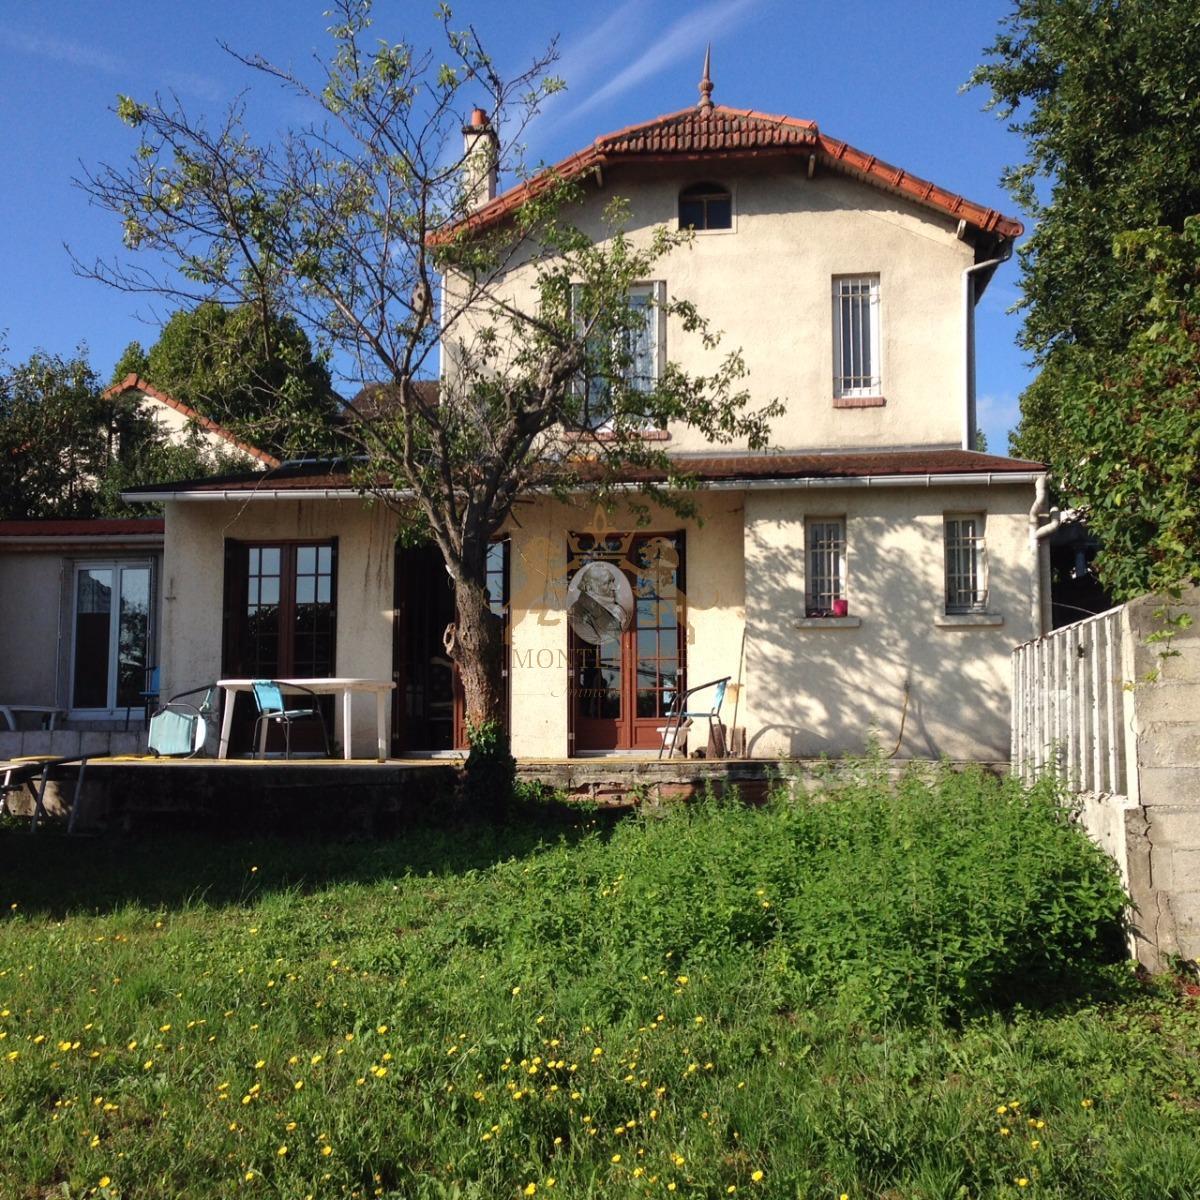 Annonce location maison cr teil 94000 130 m 1 400 for Annonce location maison